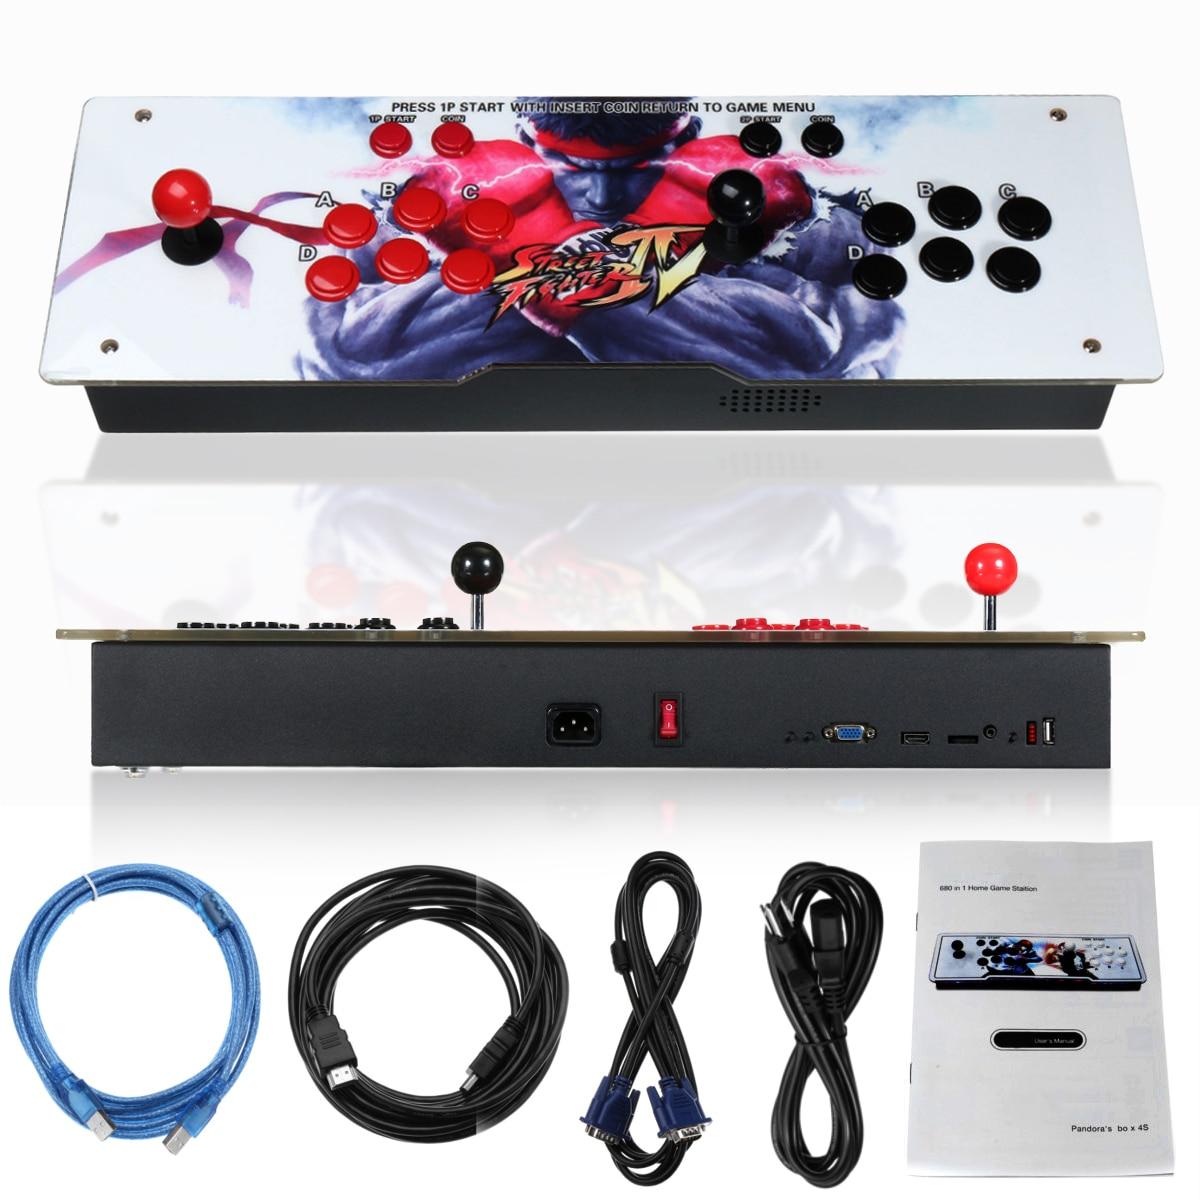 800 EN Boîte 1 4 s Rétro jeux vidéo console d'arcade led HD 2 Joystick AU Fer Acrylique Panneau VGA HDMI USB jeux à pièces